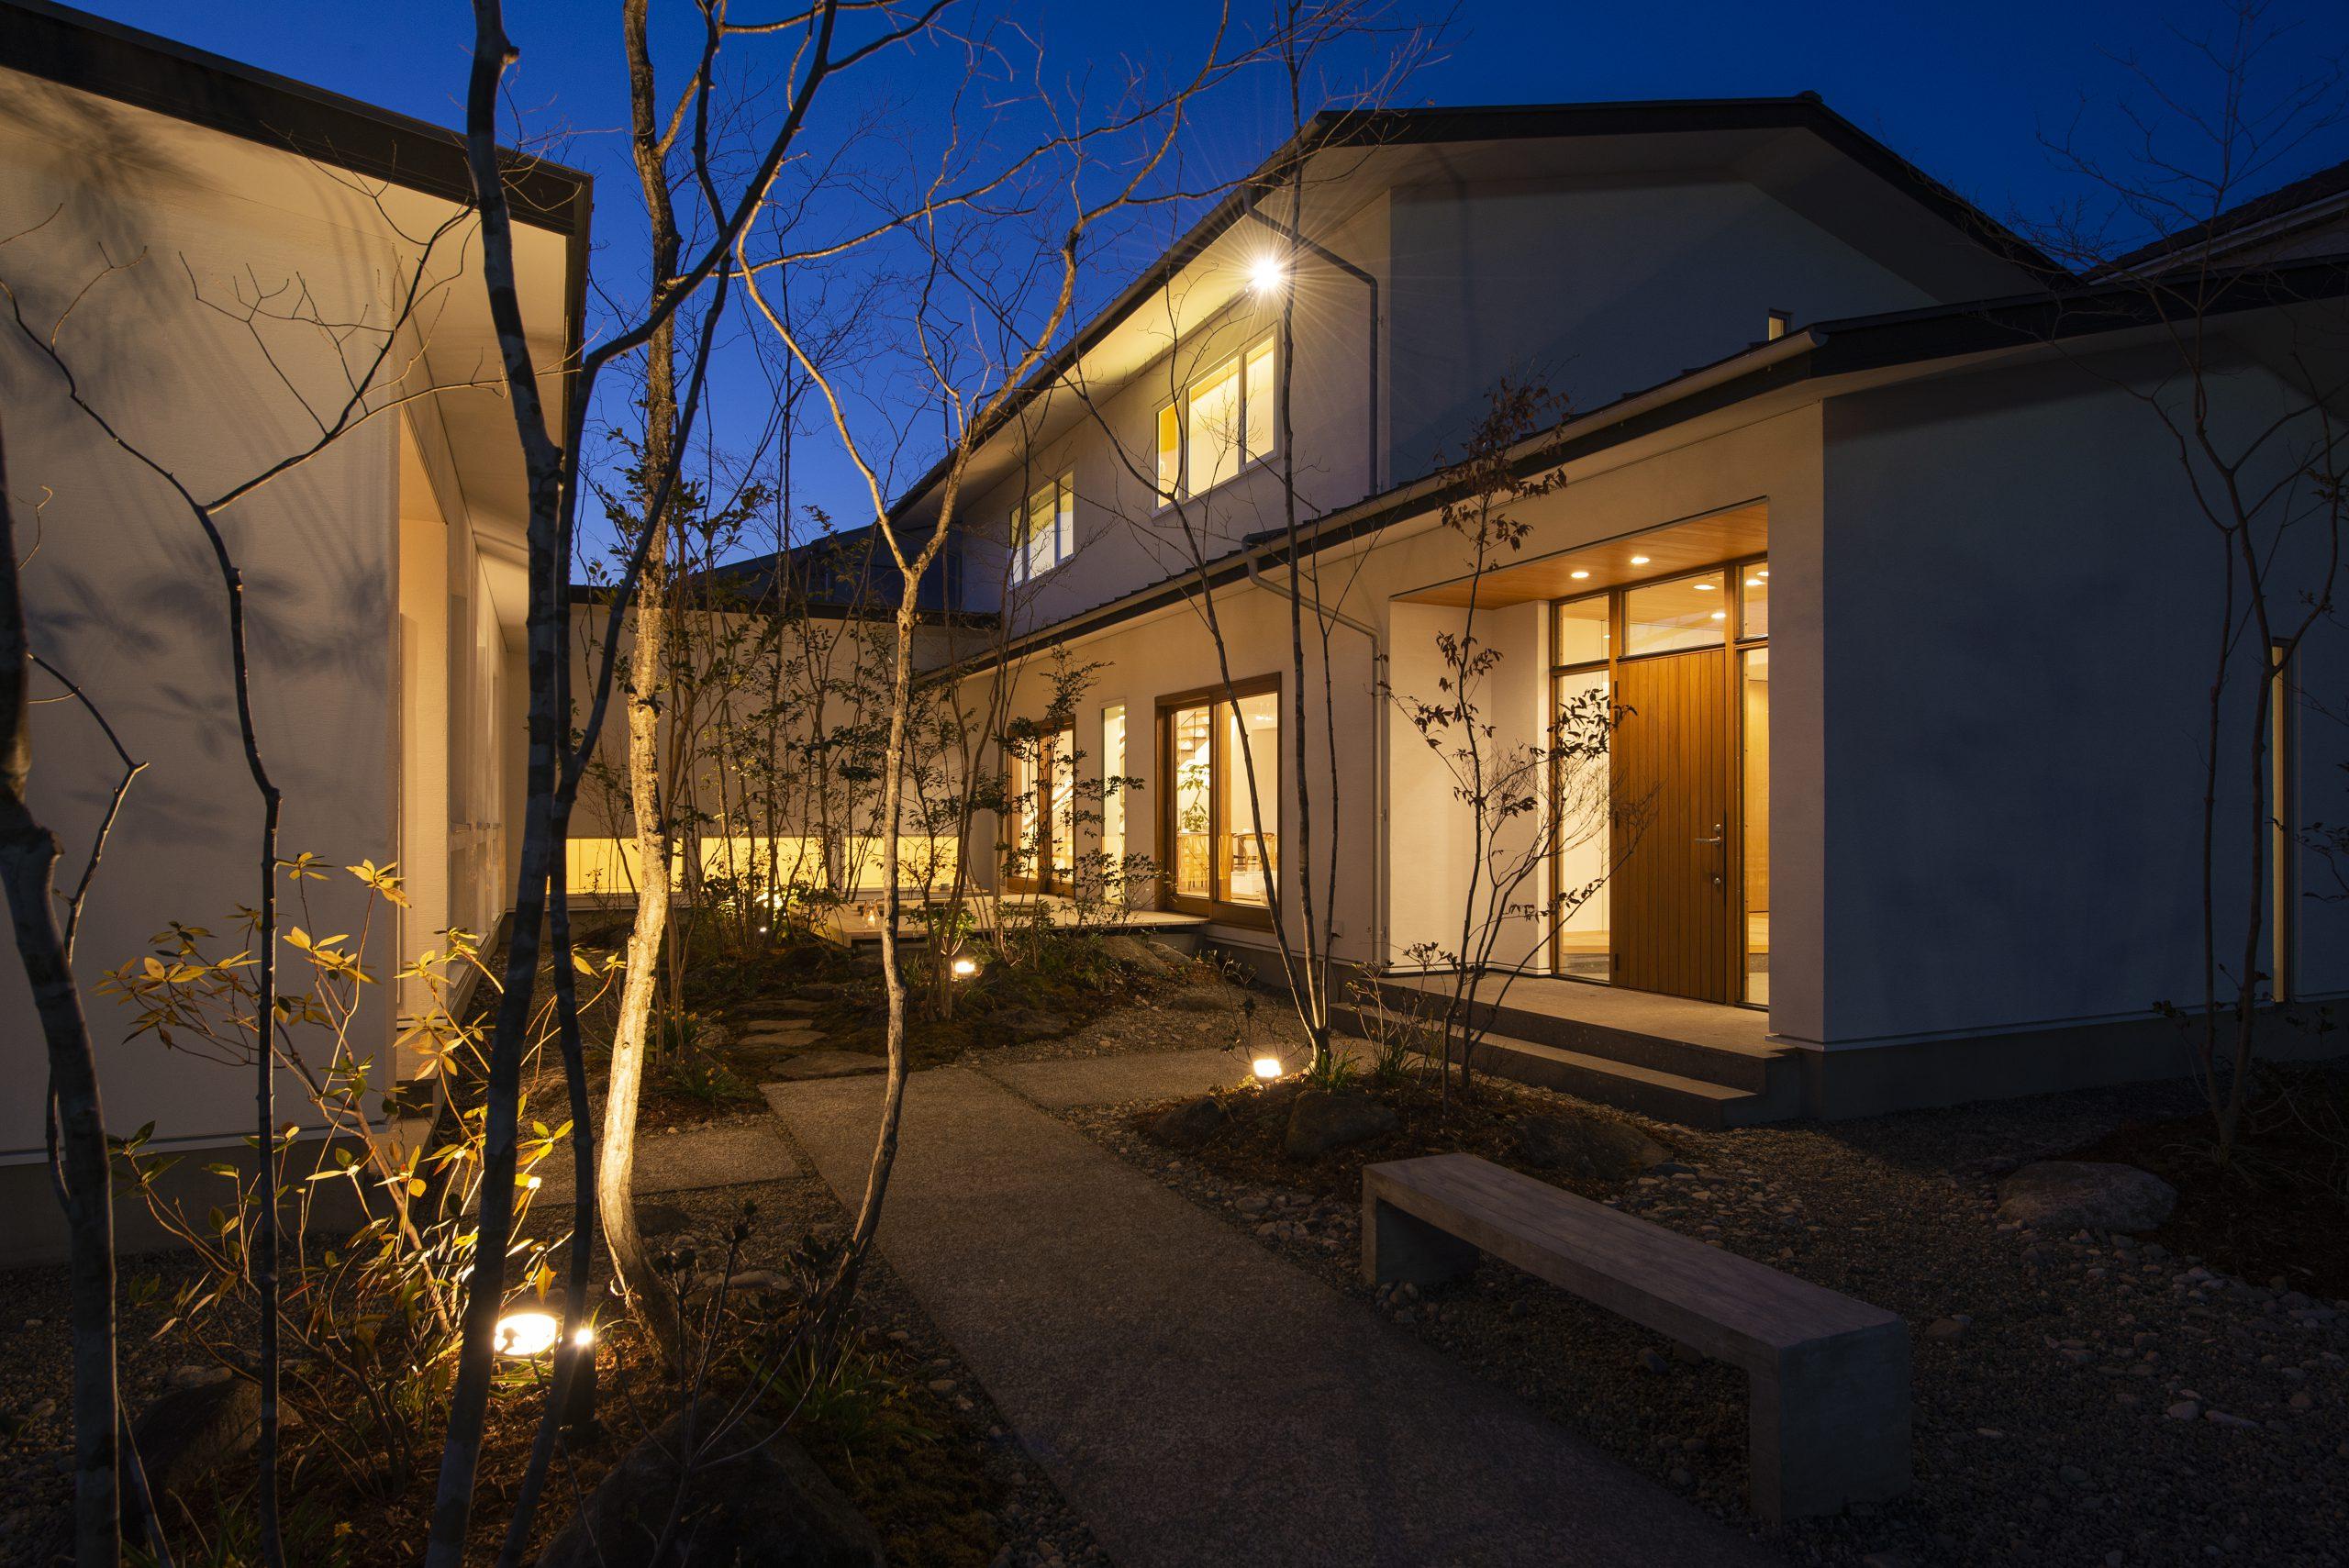 中庭のある家の夜景:スポットライトが家のシルエットを植栽をやさしく照らしてほっと一息つける間取りです